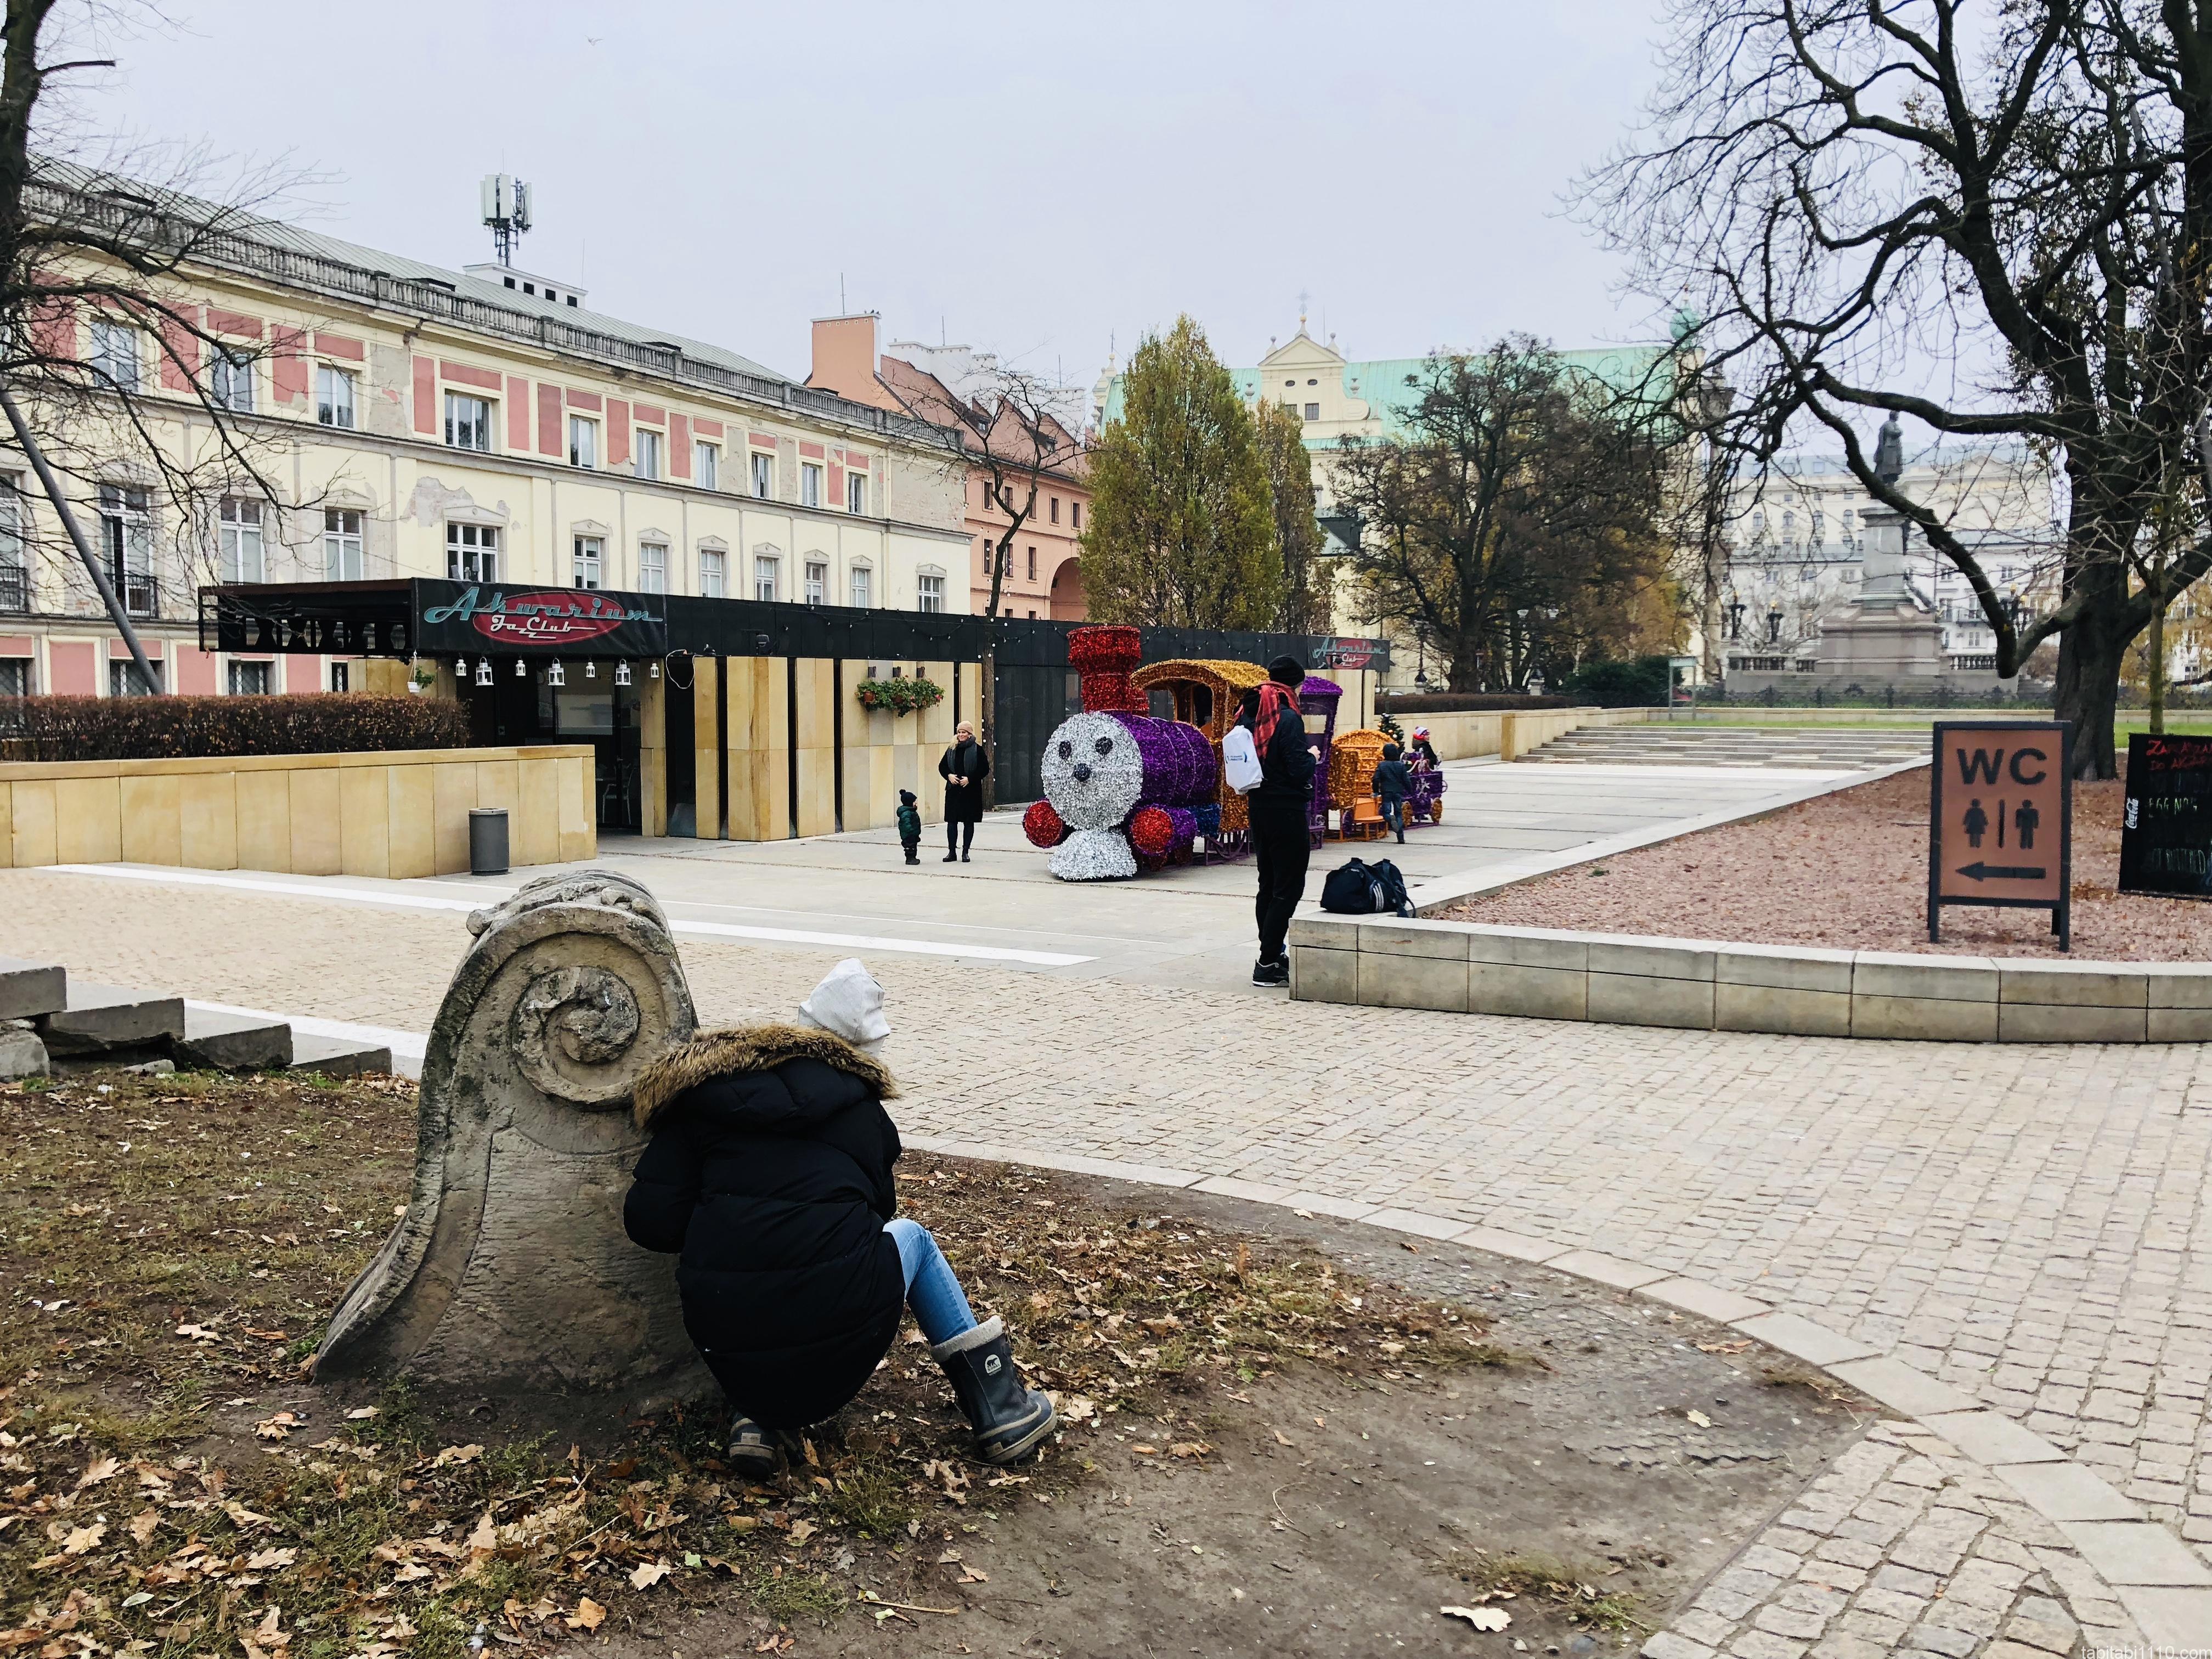 ワルシャワの子供たち